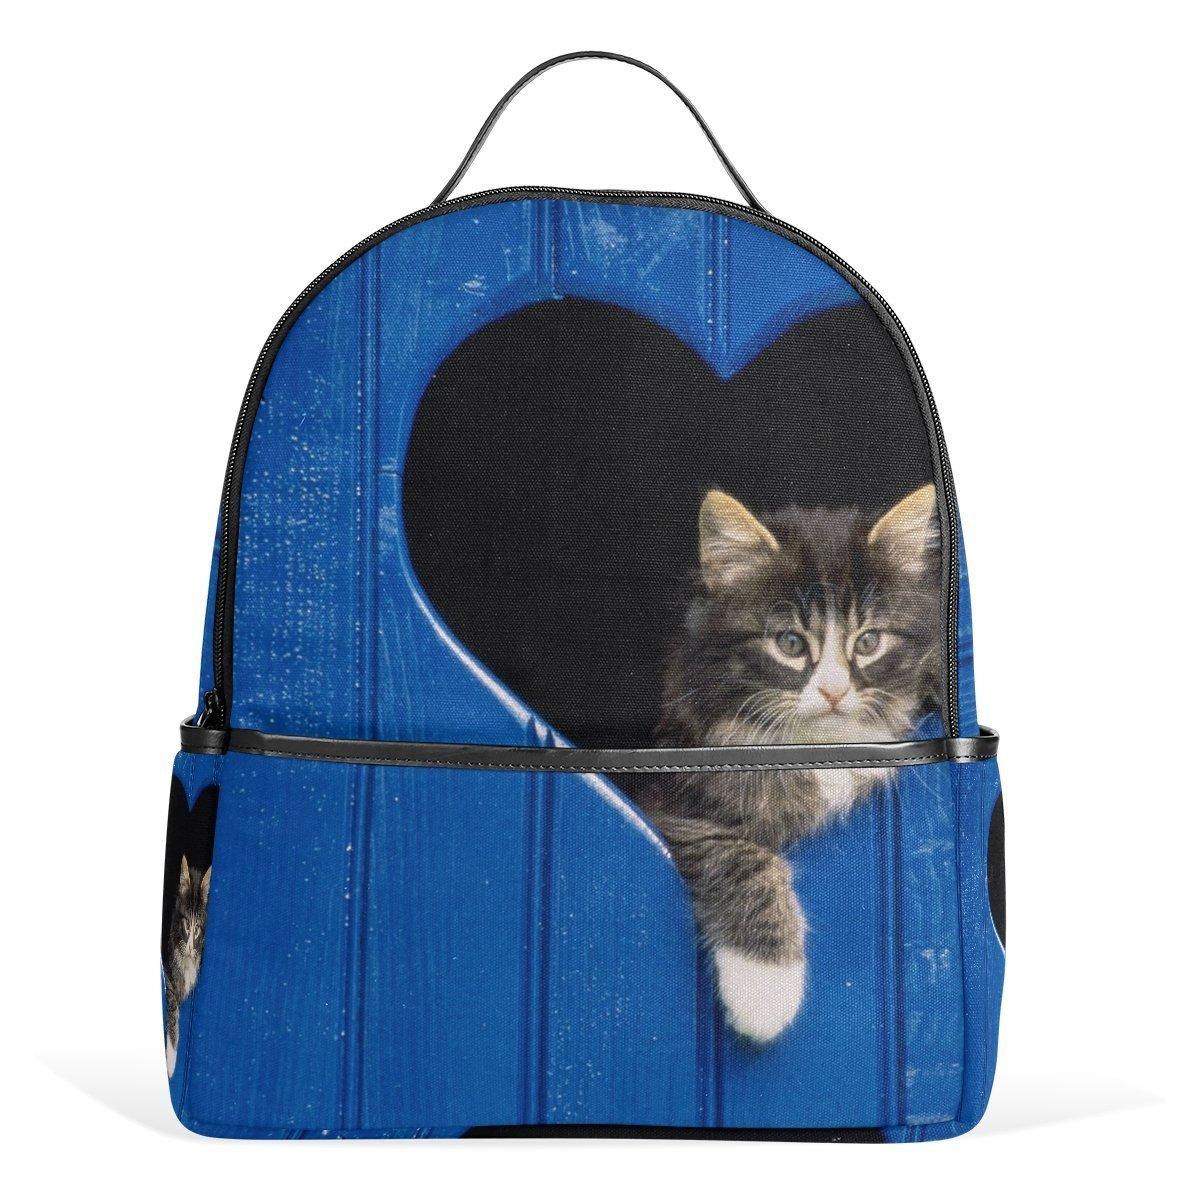 学校バックパックかわいい猫旅行バッグfor Teenagers Boys Girls   B07G2YNTCT